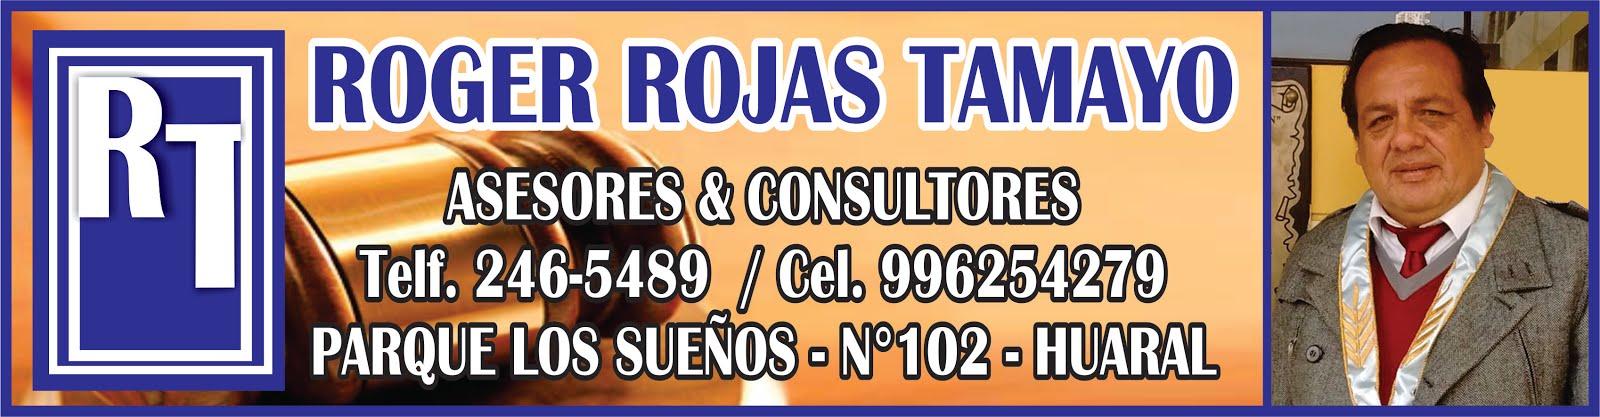 Dr. ROGER ROJAS TAMAYO - ABOGADOS & CONSULTORES